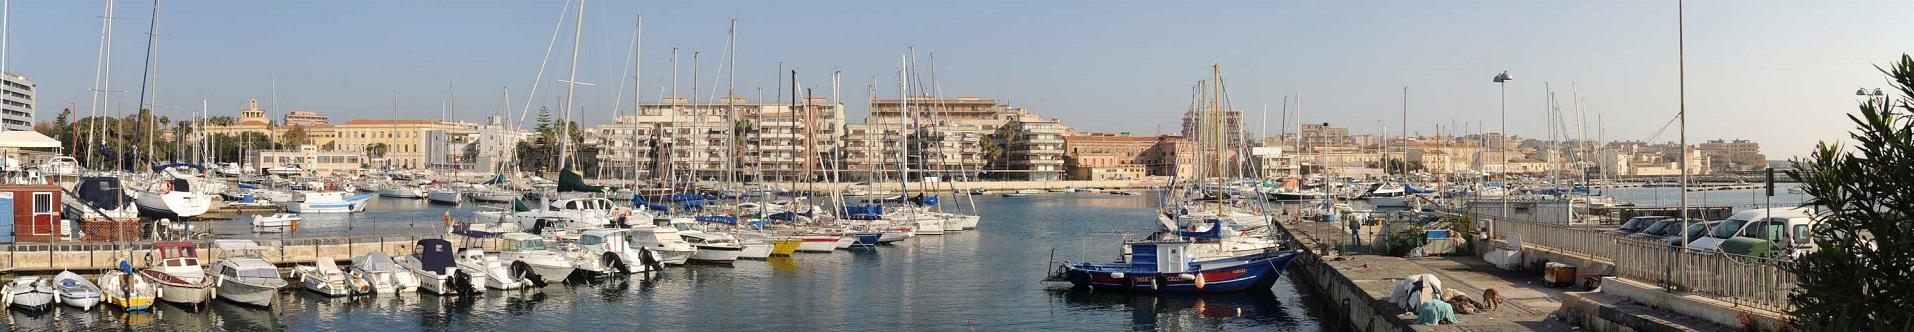 Ville e case vacanze in Sicilia vicino Siracusa